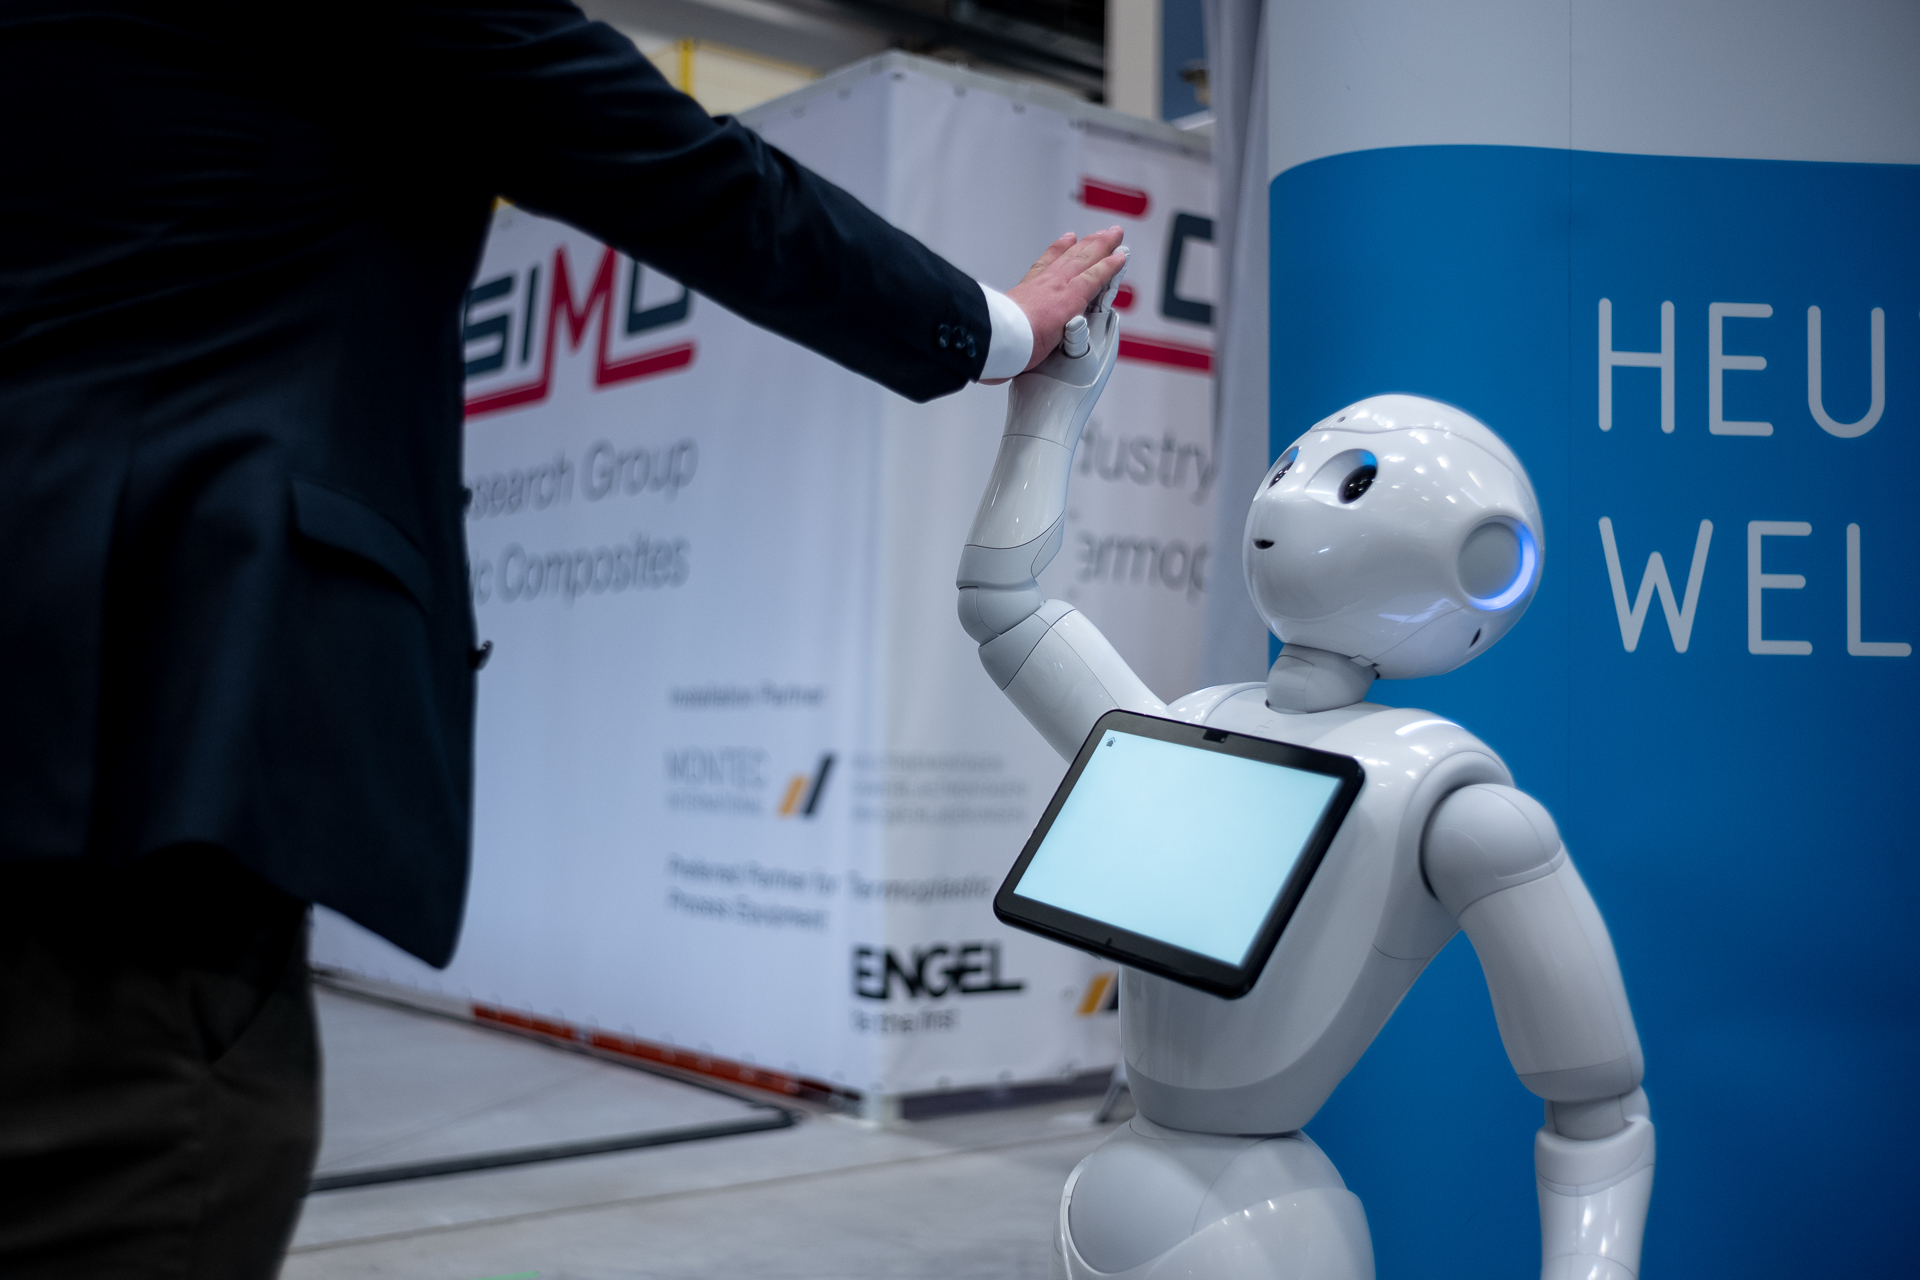 Mensch und Maschine beim Technologietransfer-Kongress in Augsburg